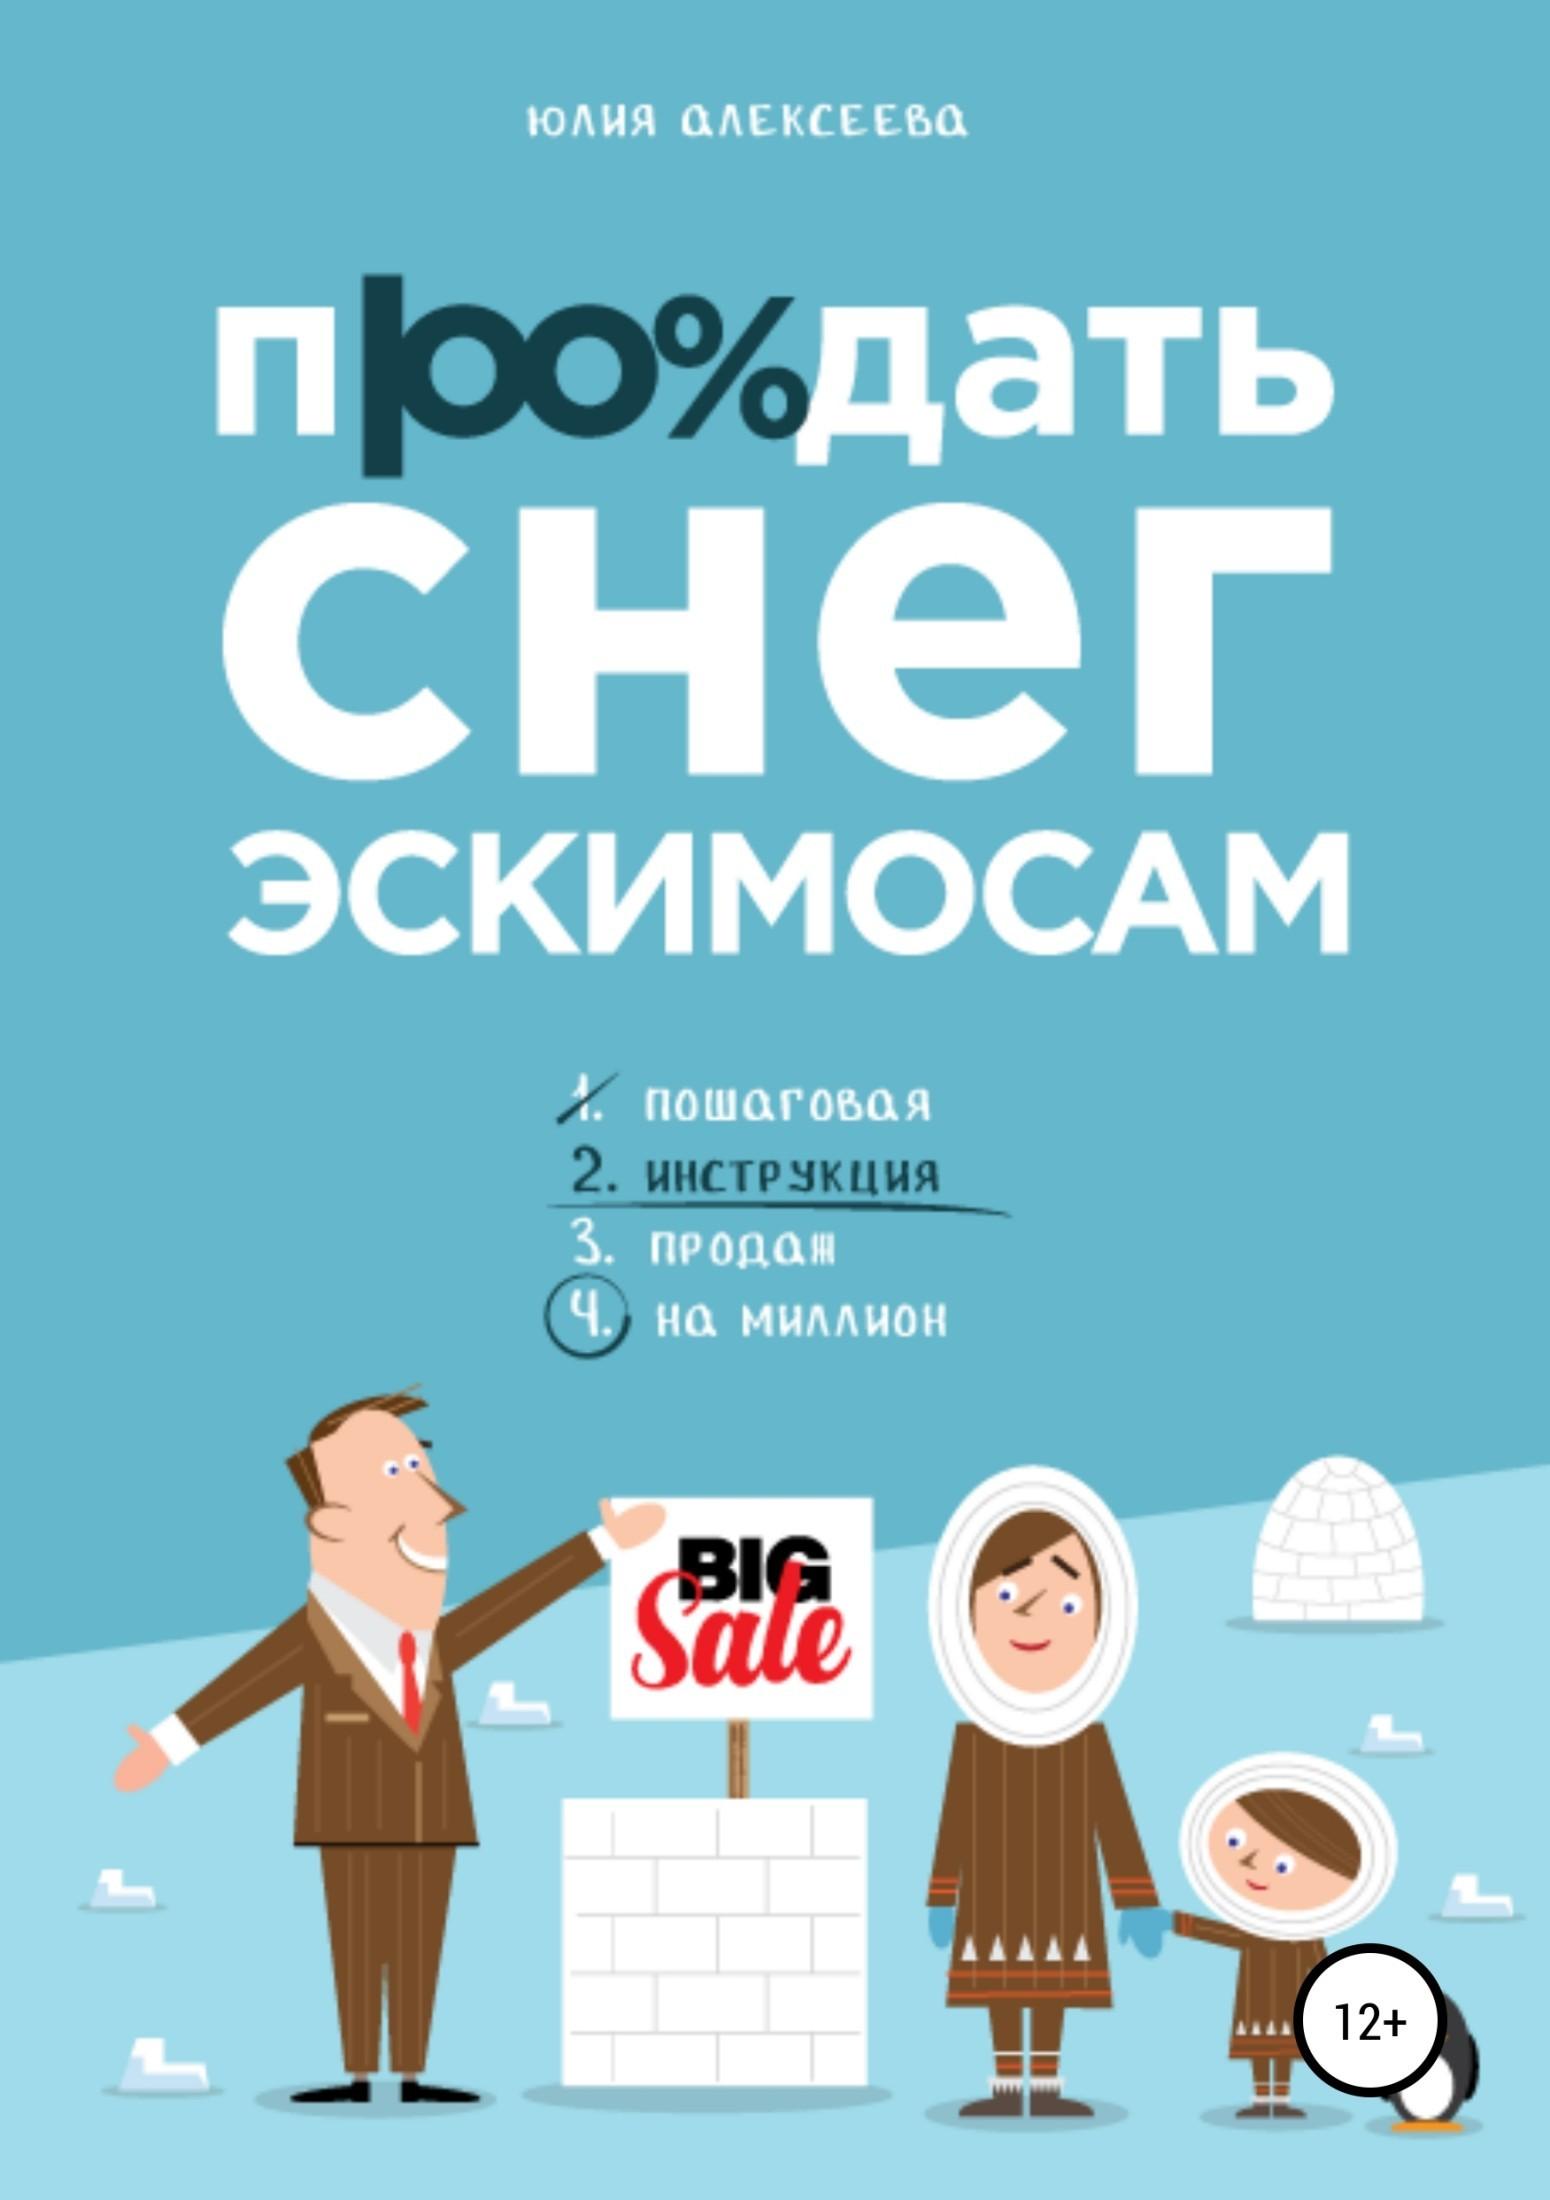 Юлия Владимировна Алексеева Продать снег эскимосам